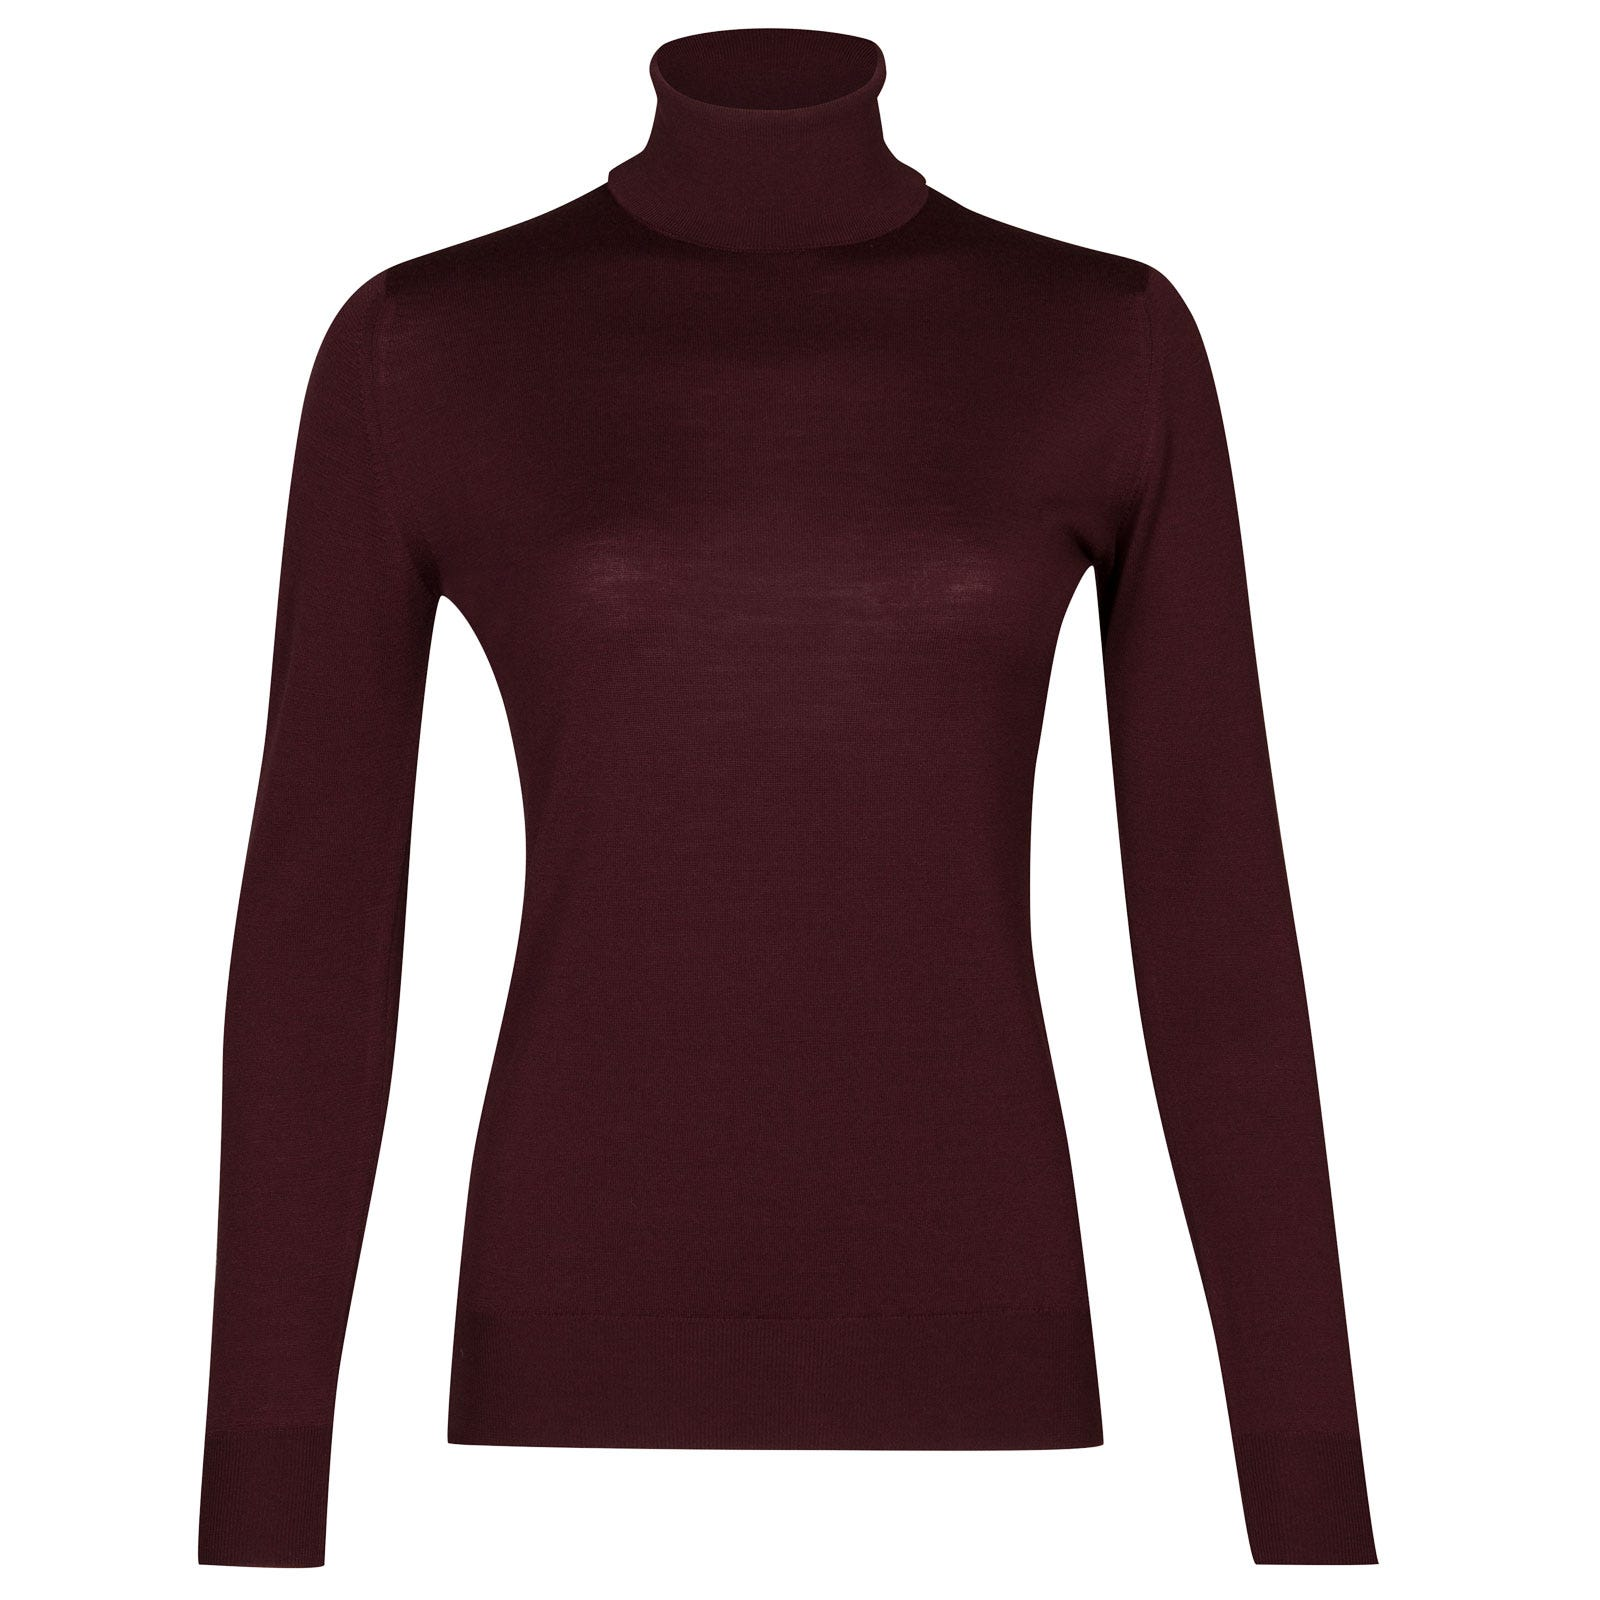 John Smedley Catkin Merino Wool Sweater in Maroon Blaze-S